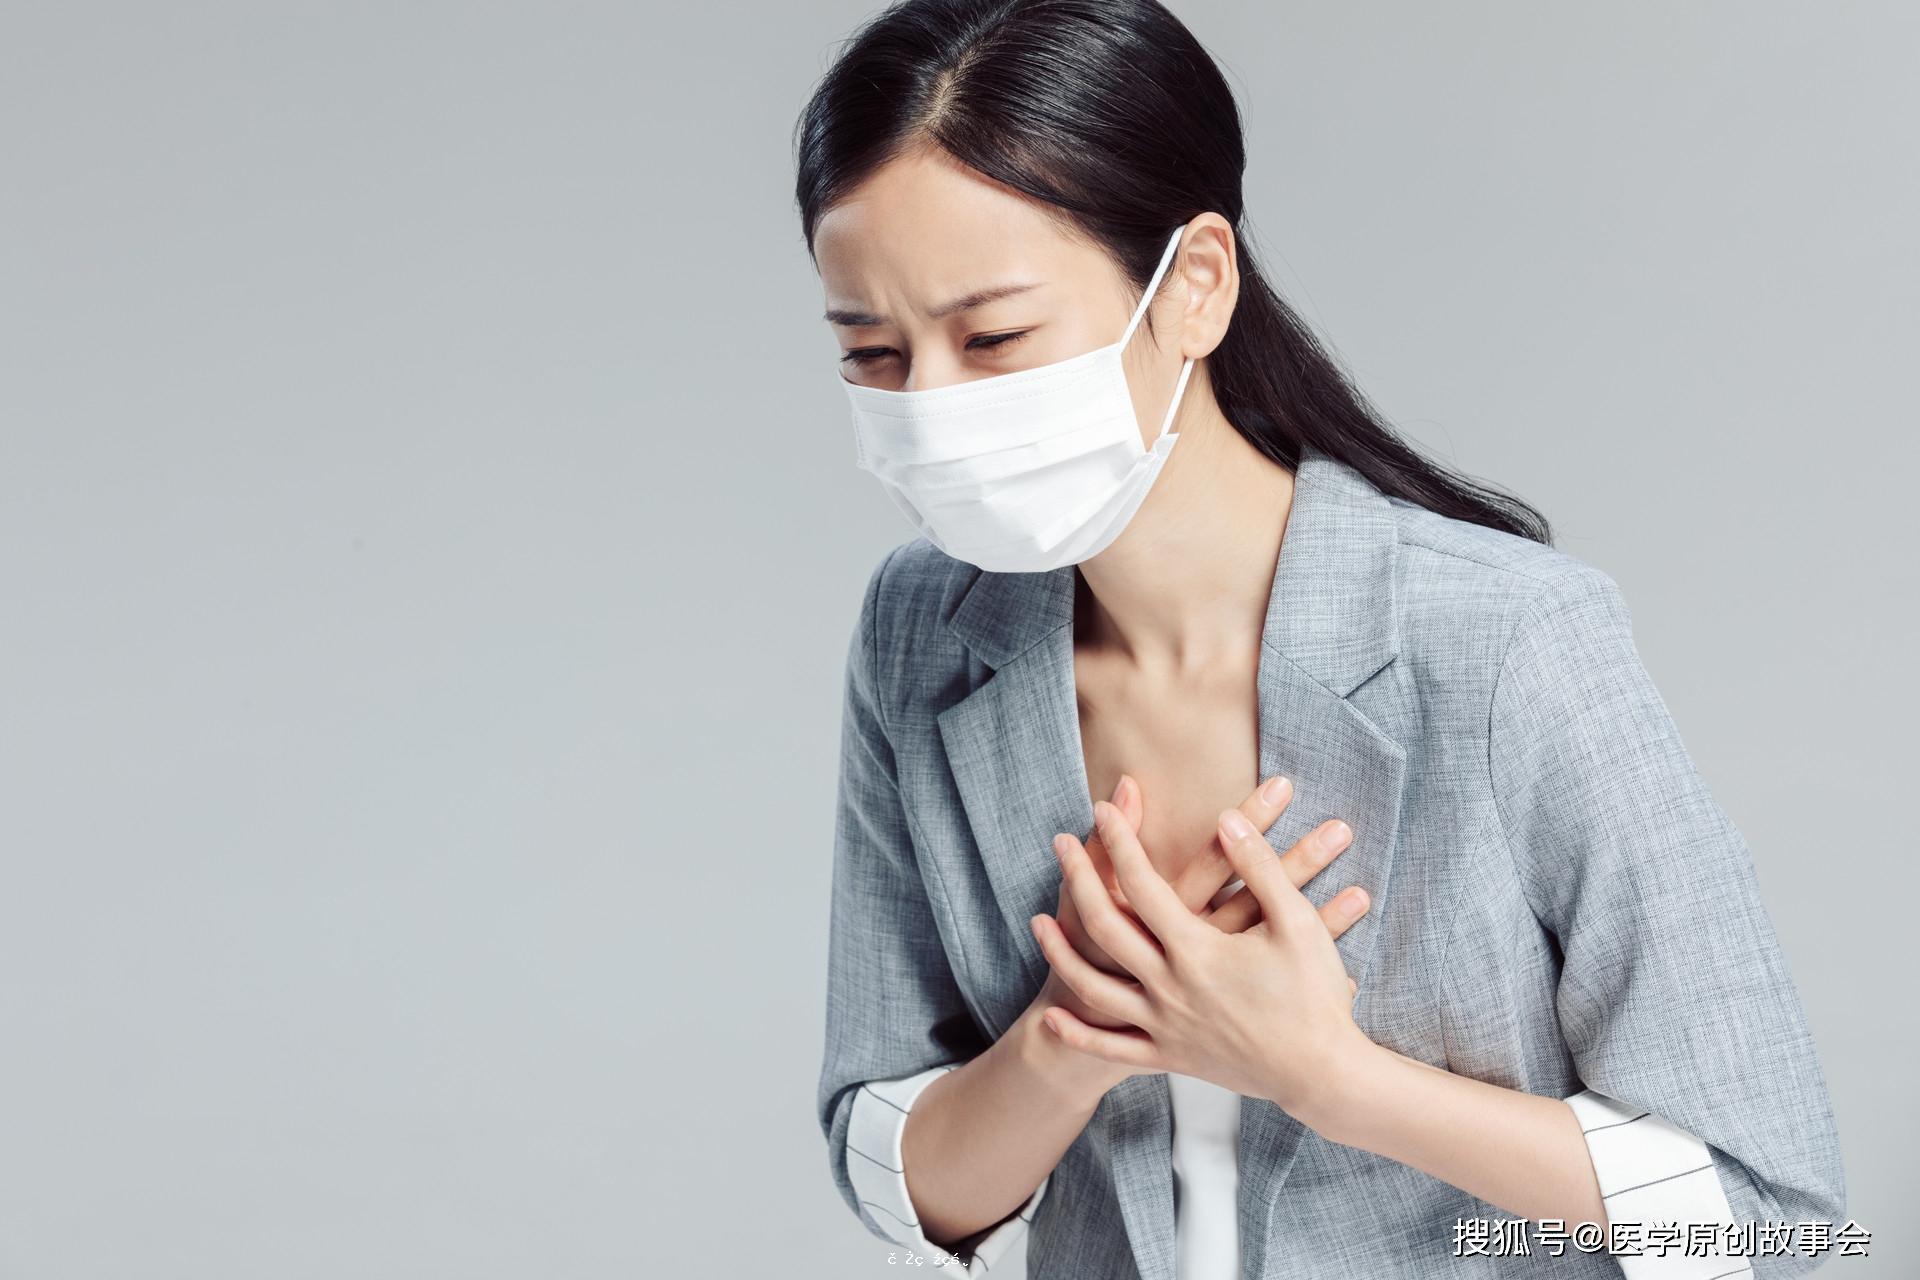 胸背出現壹個信號的時候,別再誤認為冠心病,請及時排查這種癌癥